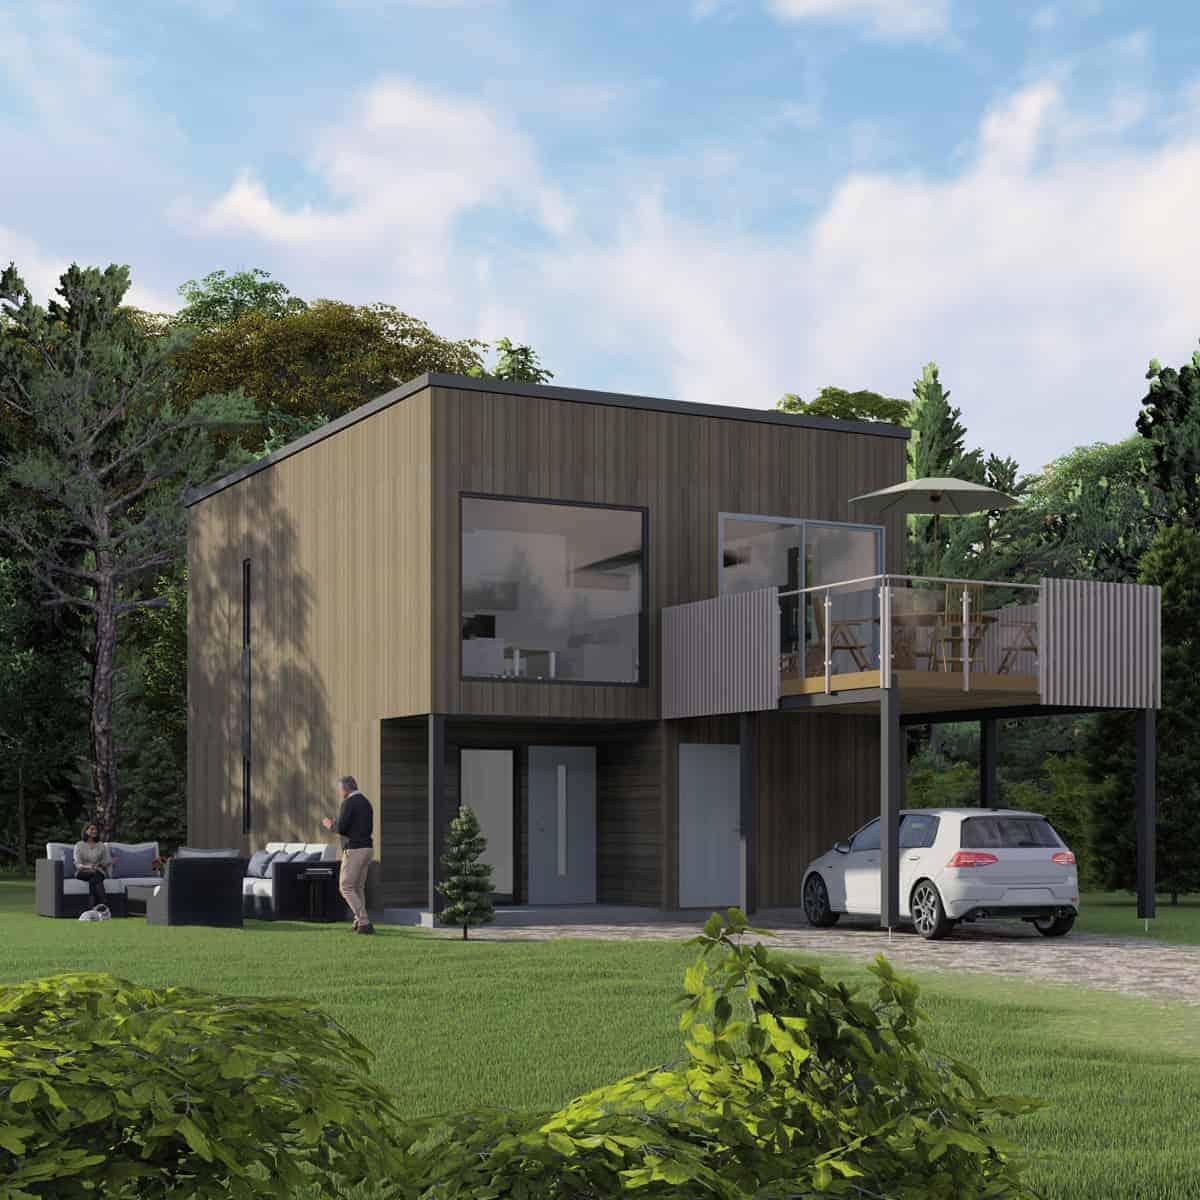 Moderne bolig med flatt tak og carport med altan over